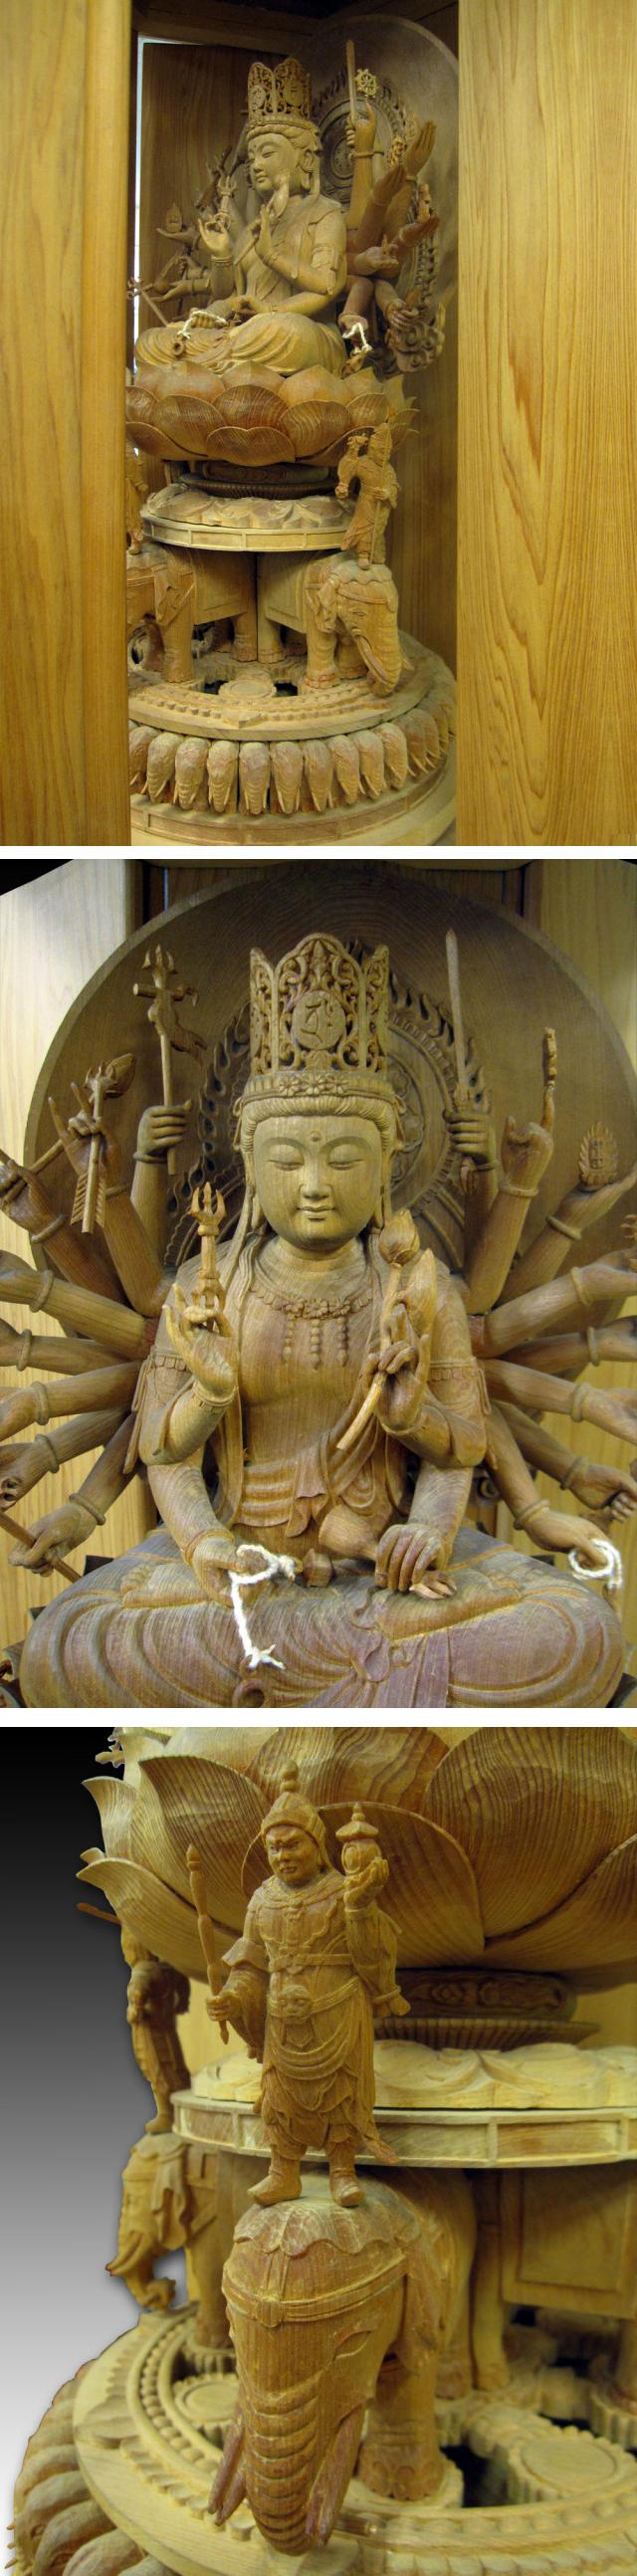 黑白佛菩萨雕刻图案素材